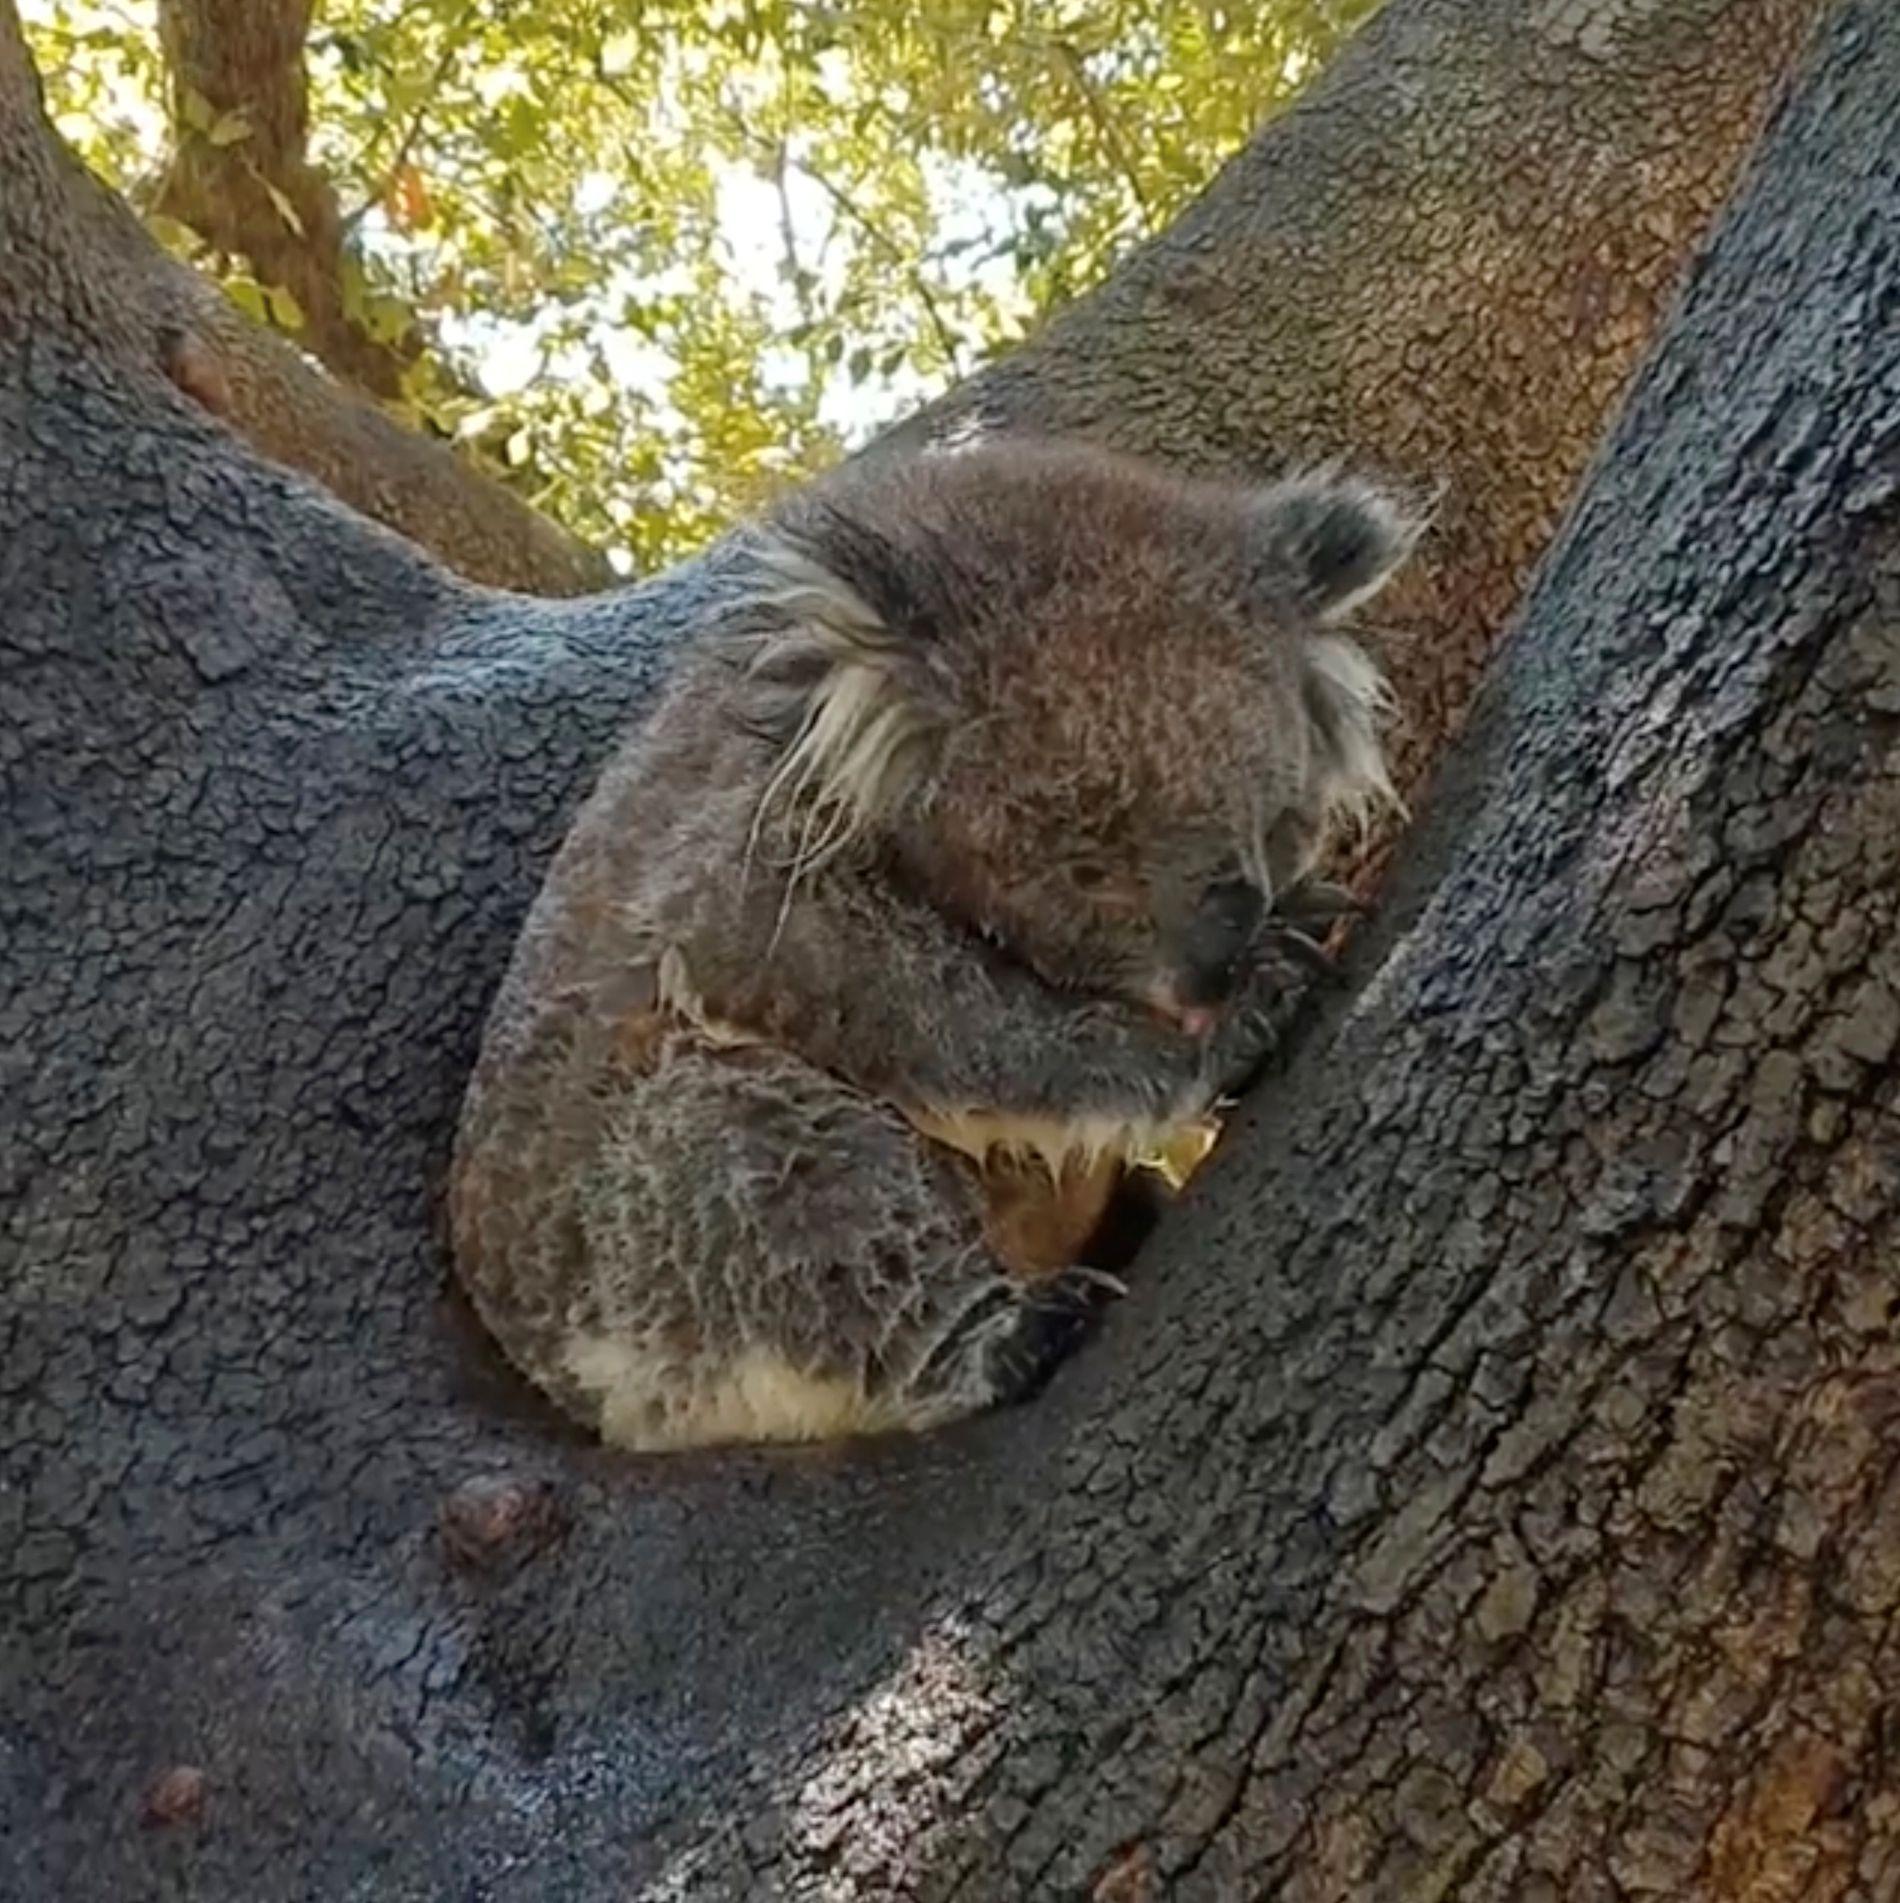 VARMT: En koala steller seg etter å ha kjølt seg ned i en spreder i byen Adelaide i Australia.